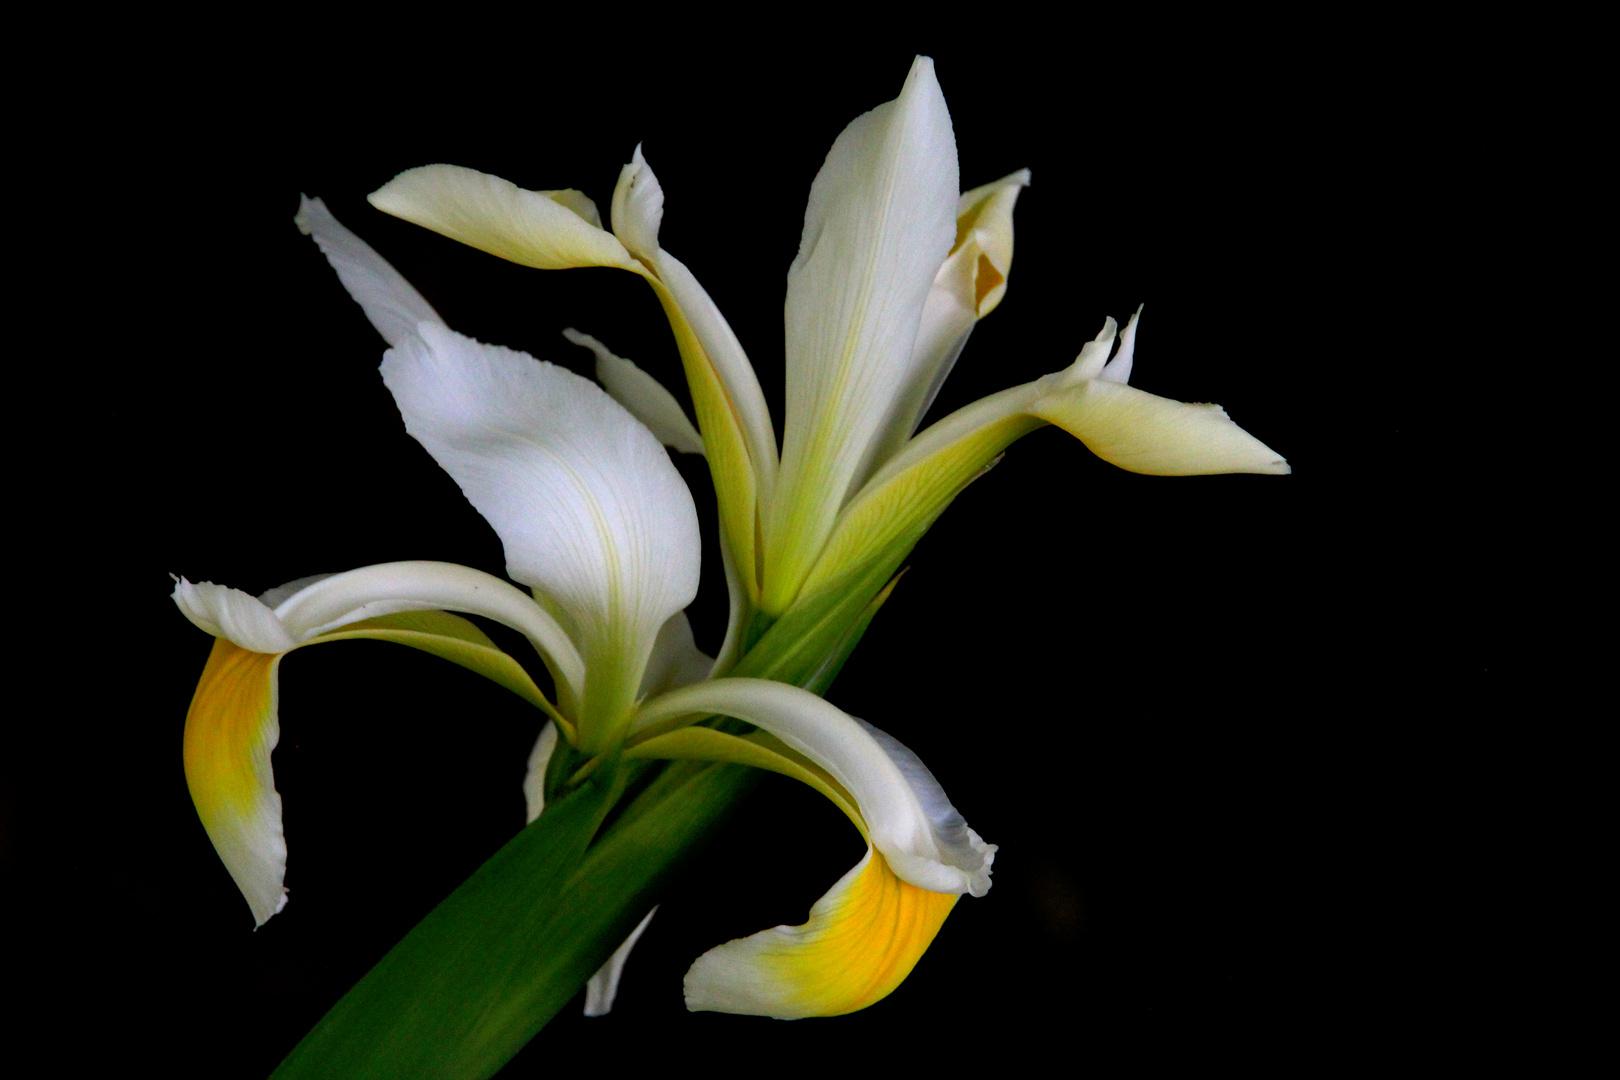 ...iris...fiore di maggio...